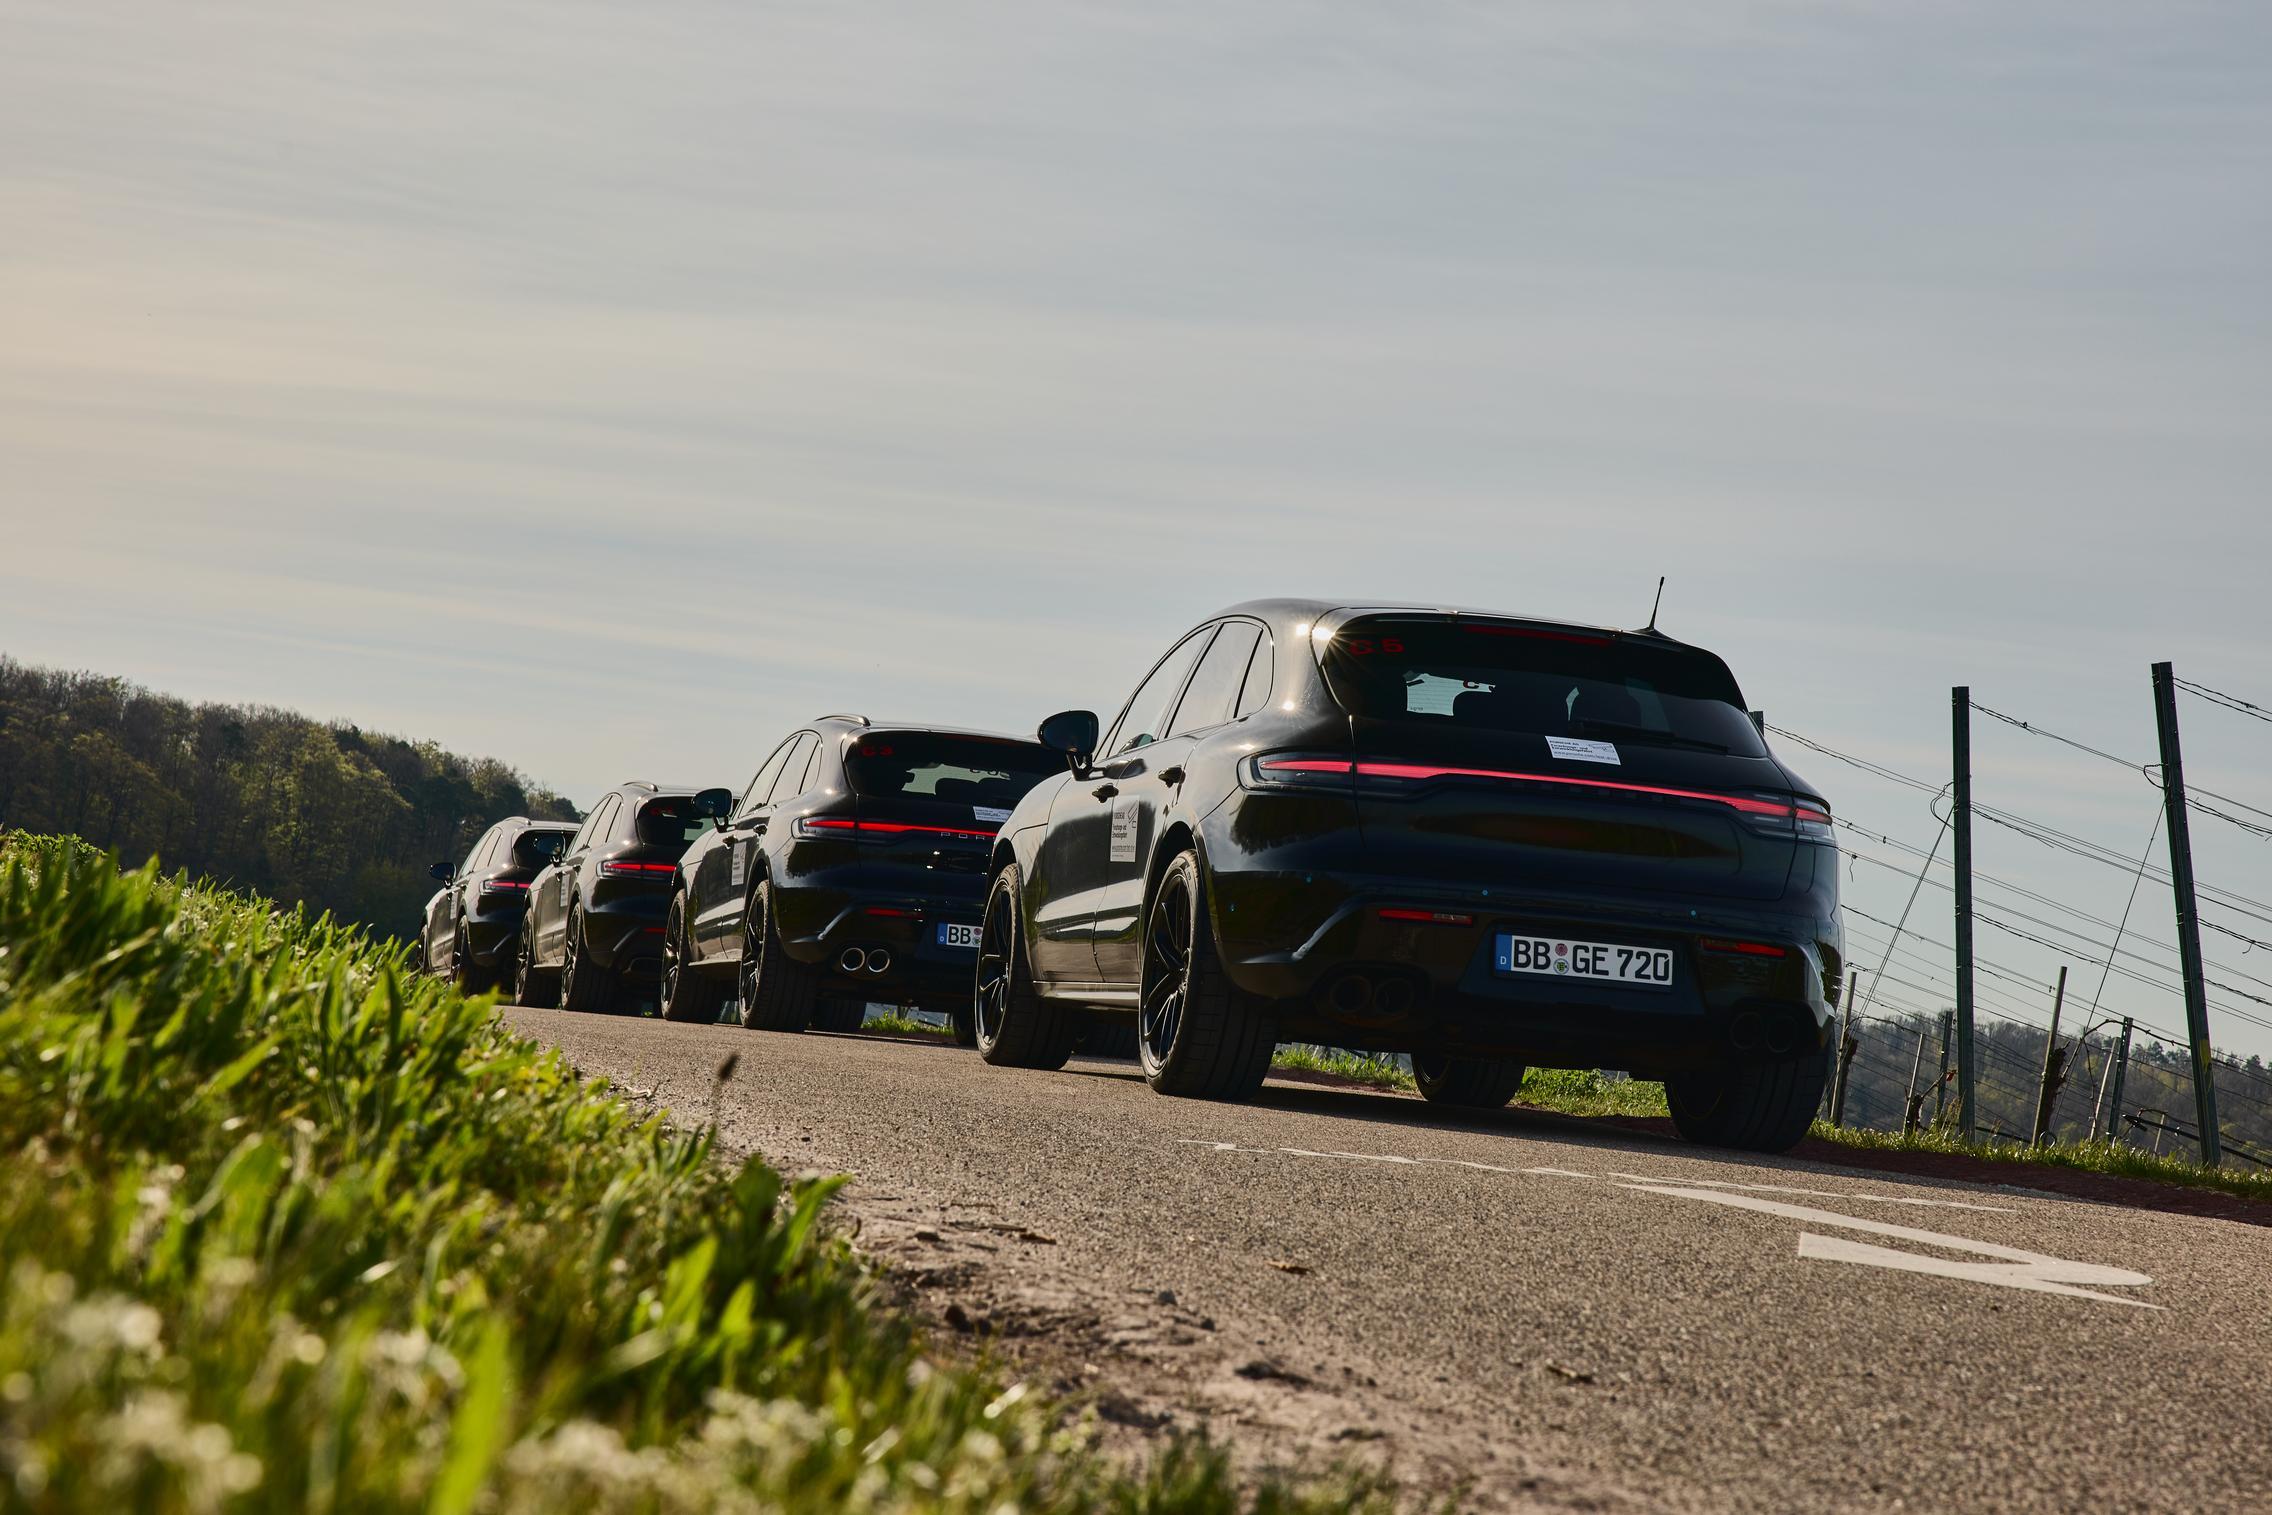 2022 Porsche Macan convoy